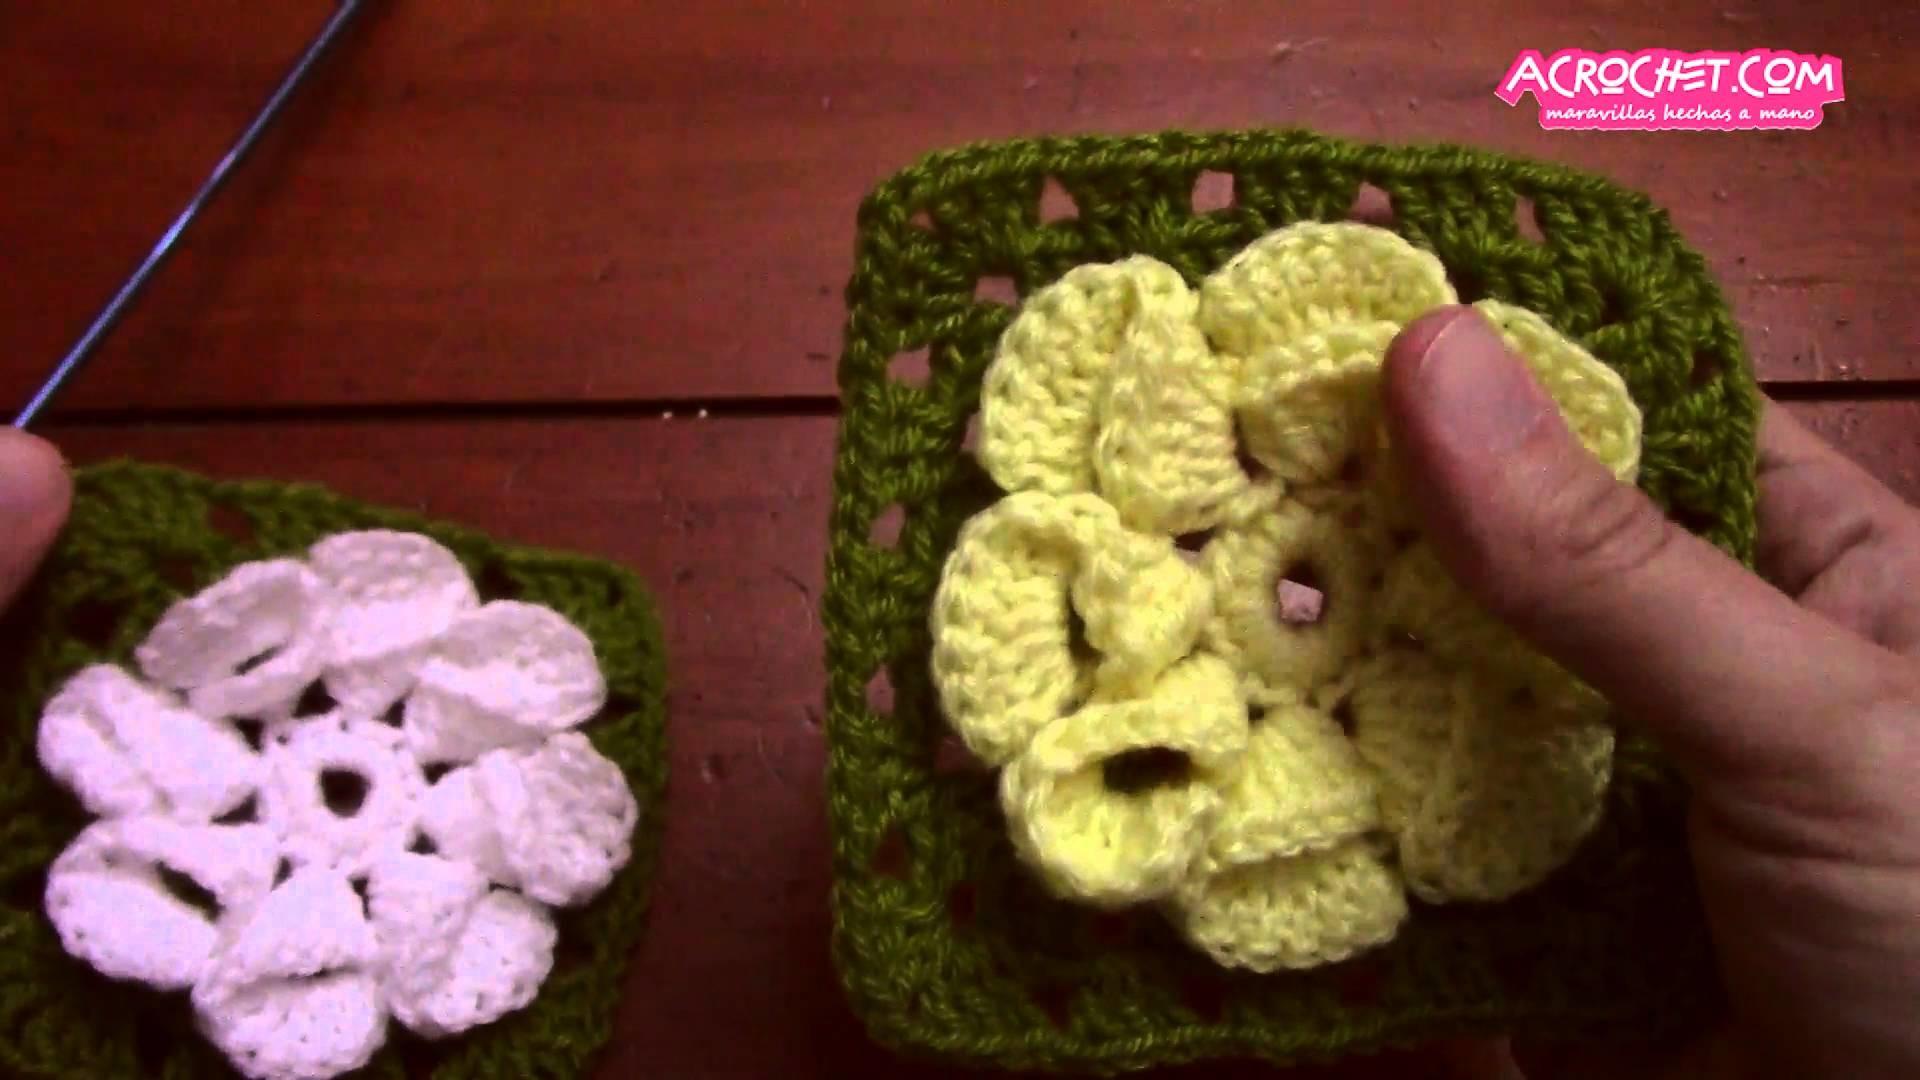 Blog Acrochet Flor sencilla de cartuchos – base y uniones Gisella Kamiche